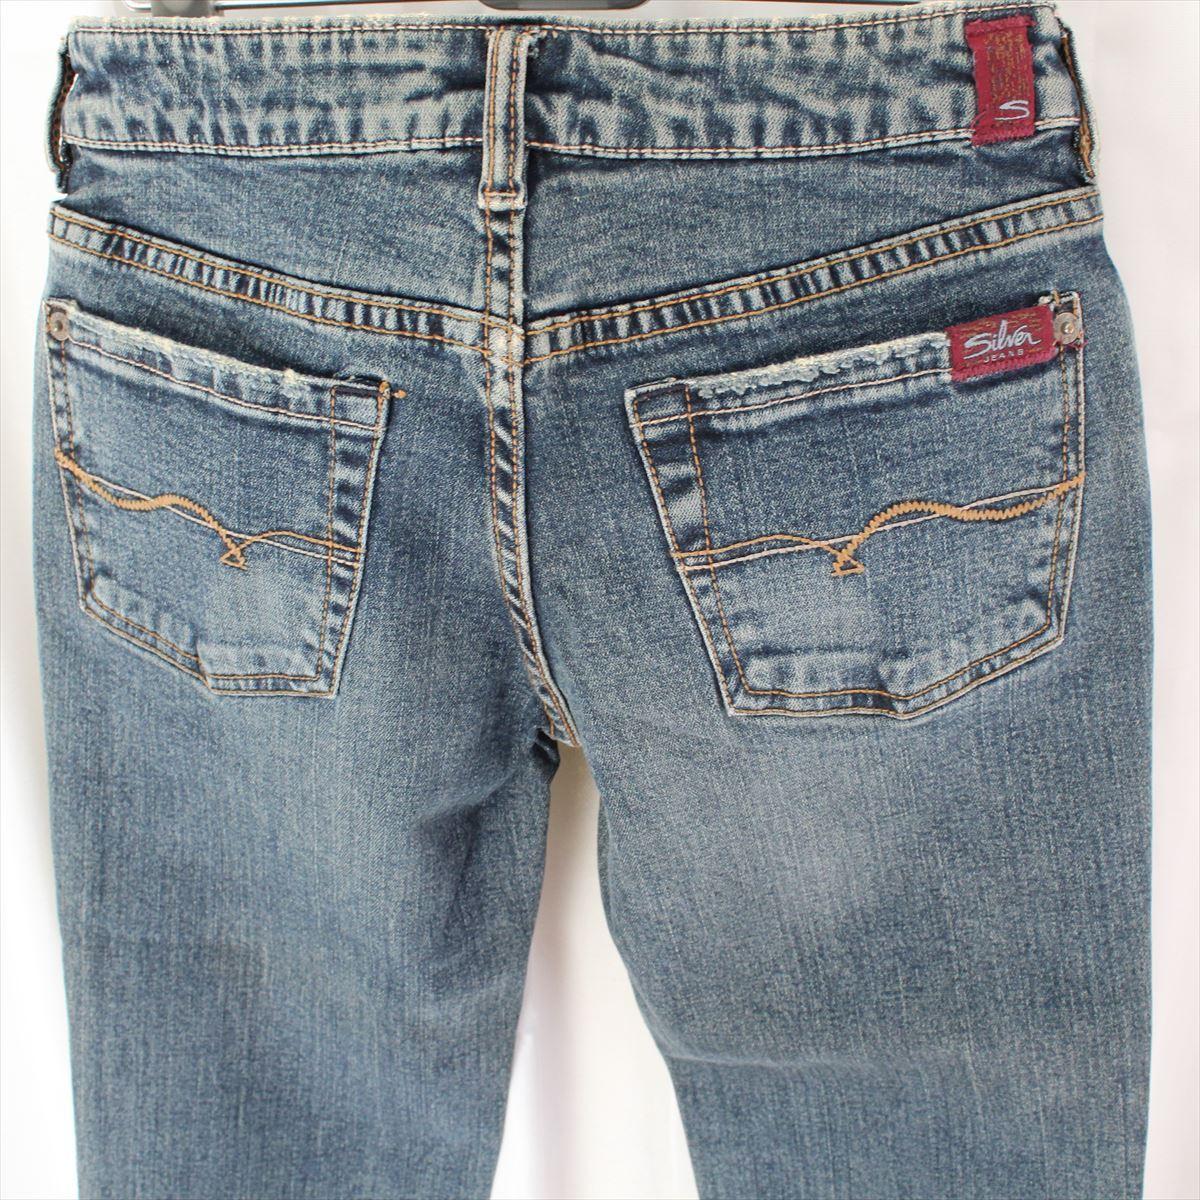 シルバージーンズ Silver Jeans レディースデニムパンツ 25インチ 新品_画像5